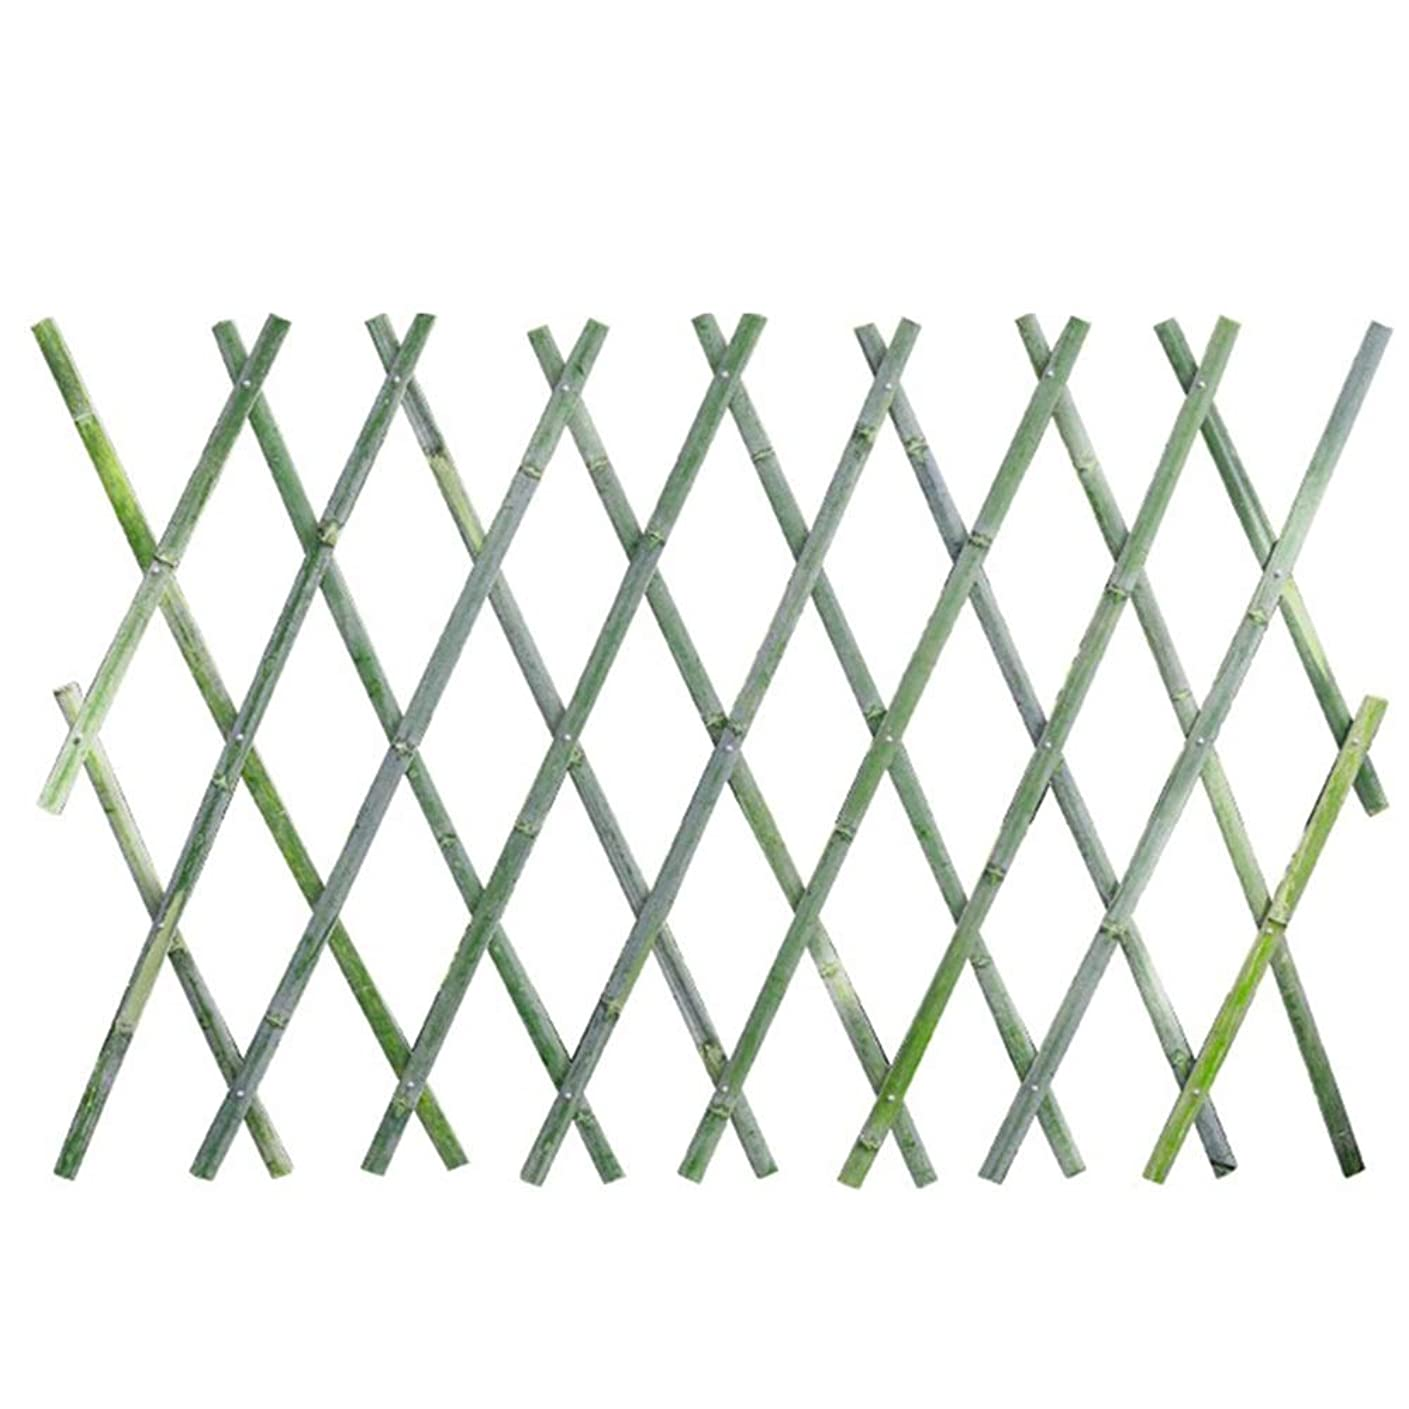 いろいろ文庫本十JIANFEI 木製 ボーダーフェンスフラワーベッドエッジ 竹製フェンス 庭の装飾 拡張可能 防水 、4つのサイズ (Color : Green, Size : 90x180cm)